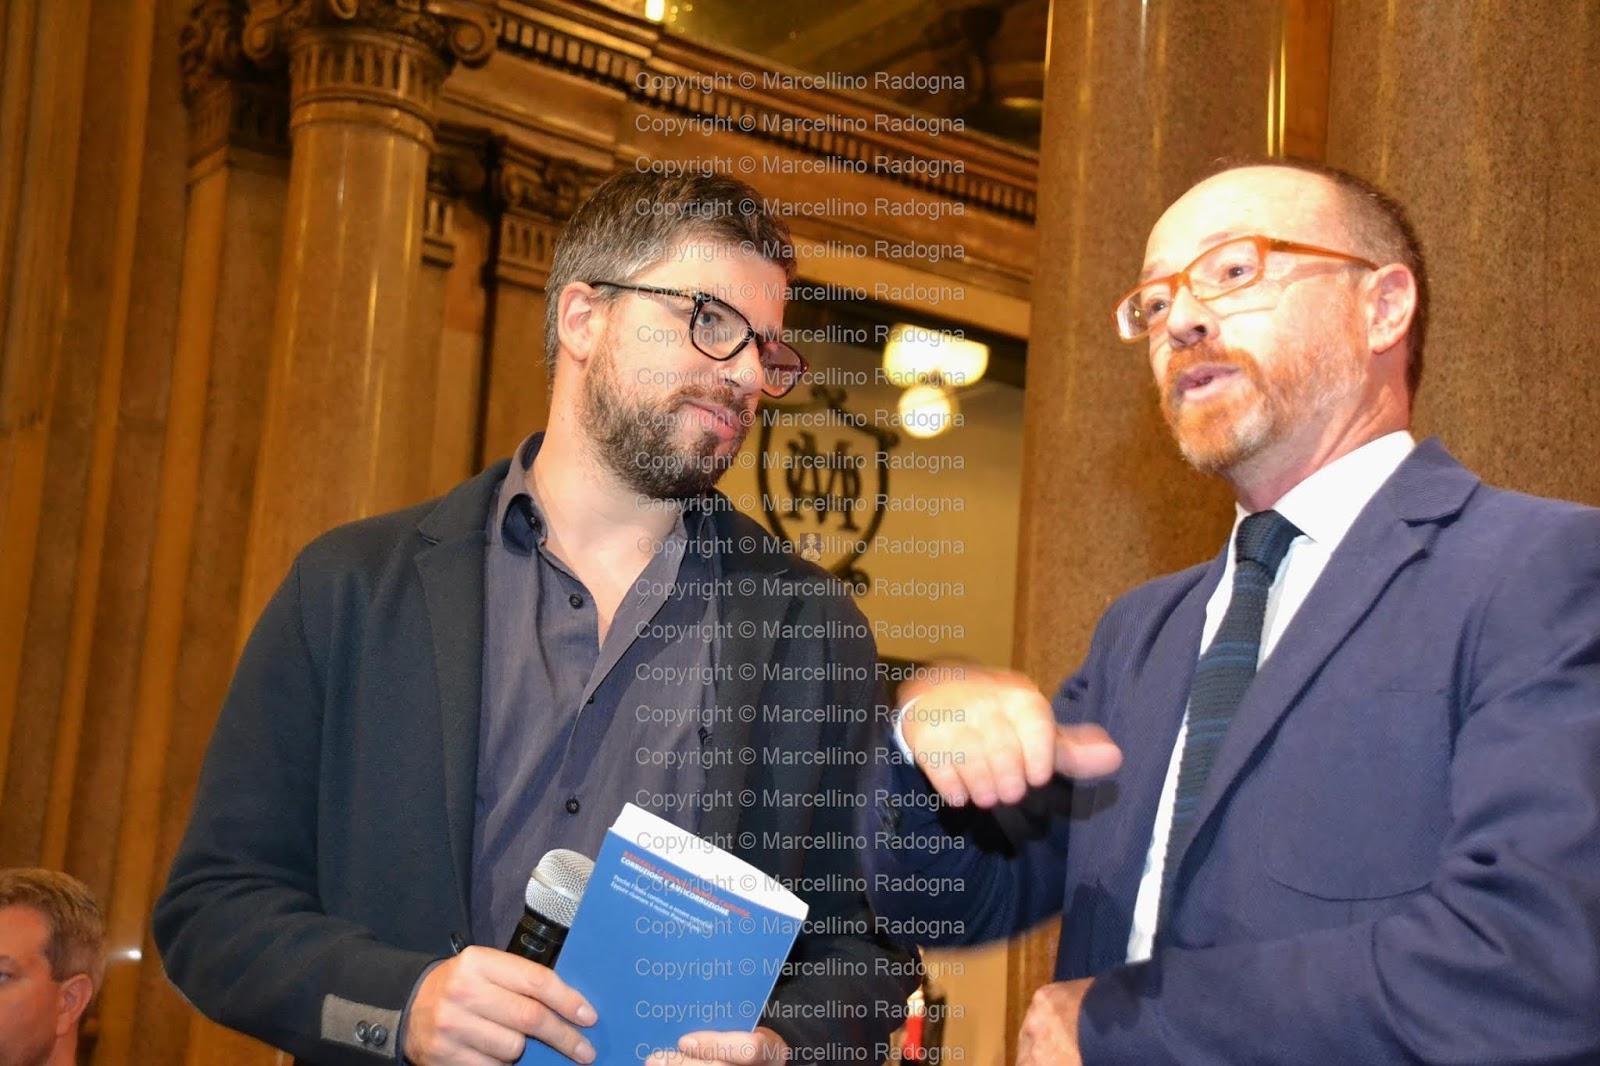 Marcellino Radogna - Fotonotizie per la stampa: Stefano Feltri e Enrico  Carloni